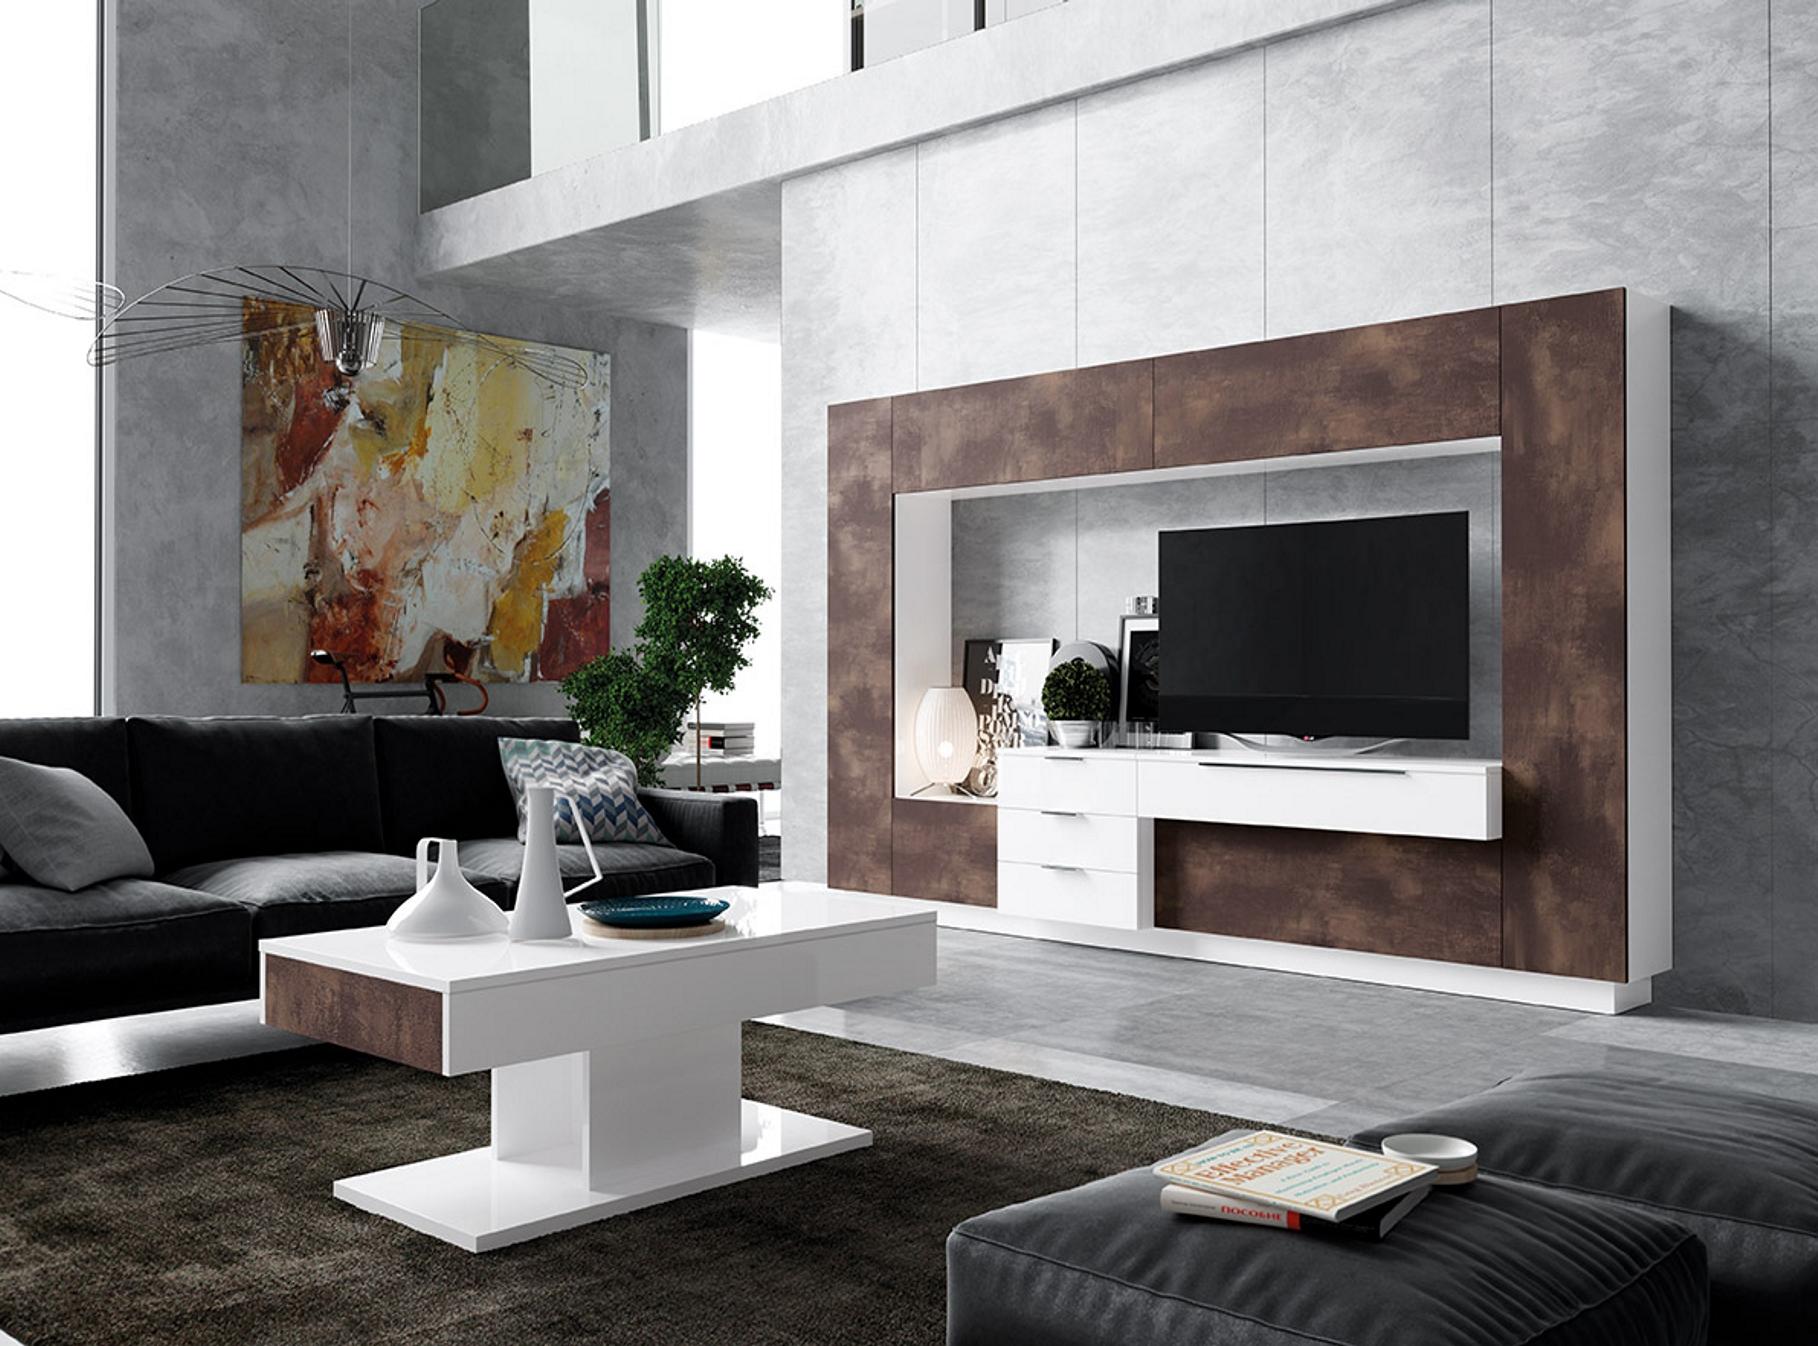 salon-moderno-Zion-3.0-muebles-paco-caballero-0907-5c8d32ec1a84c